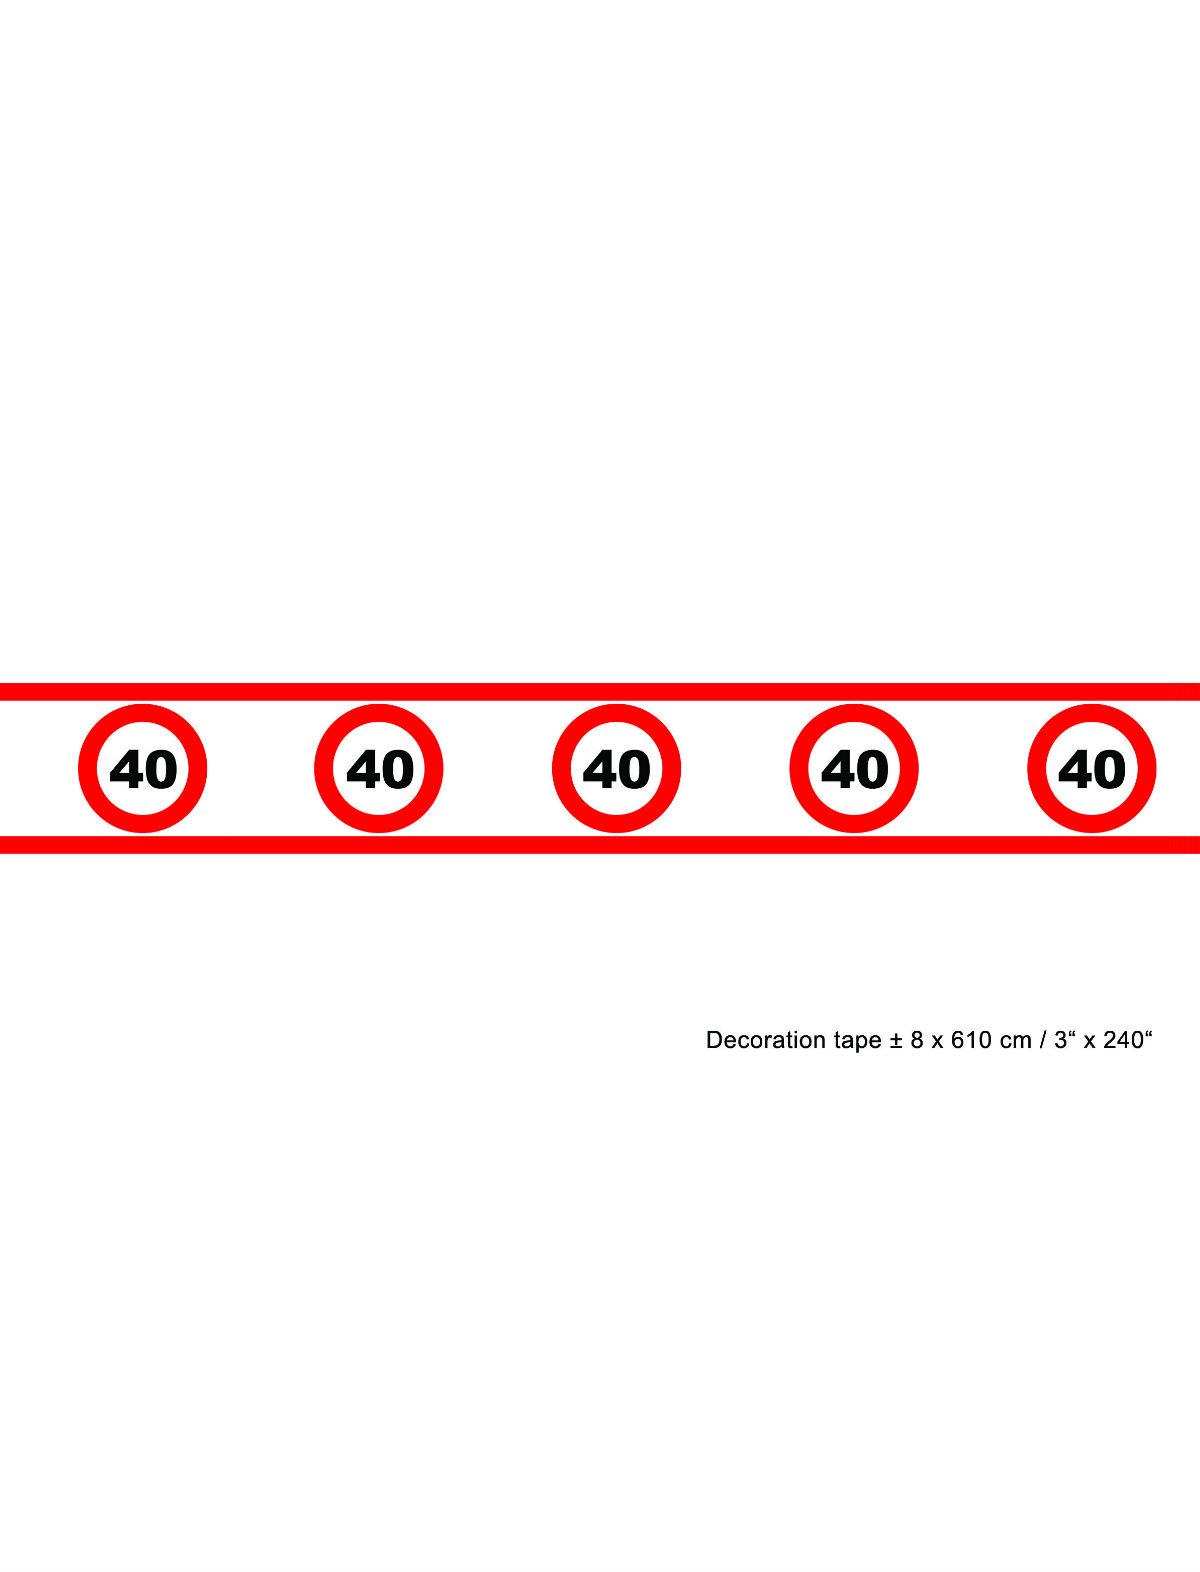 Absperrband Geburtstag 40 Jahre